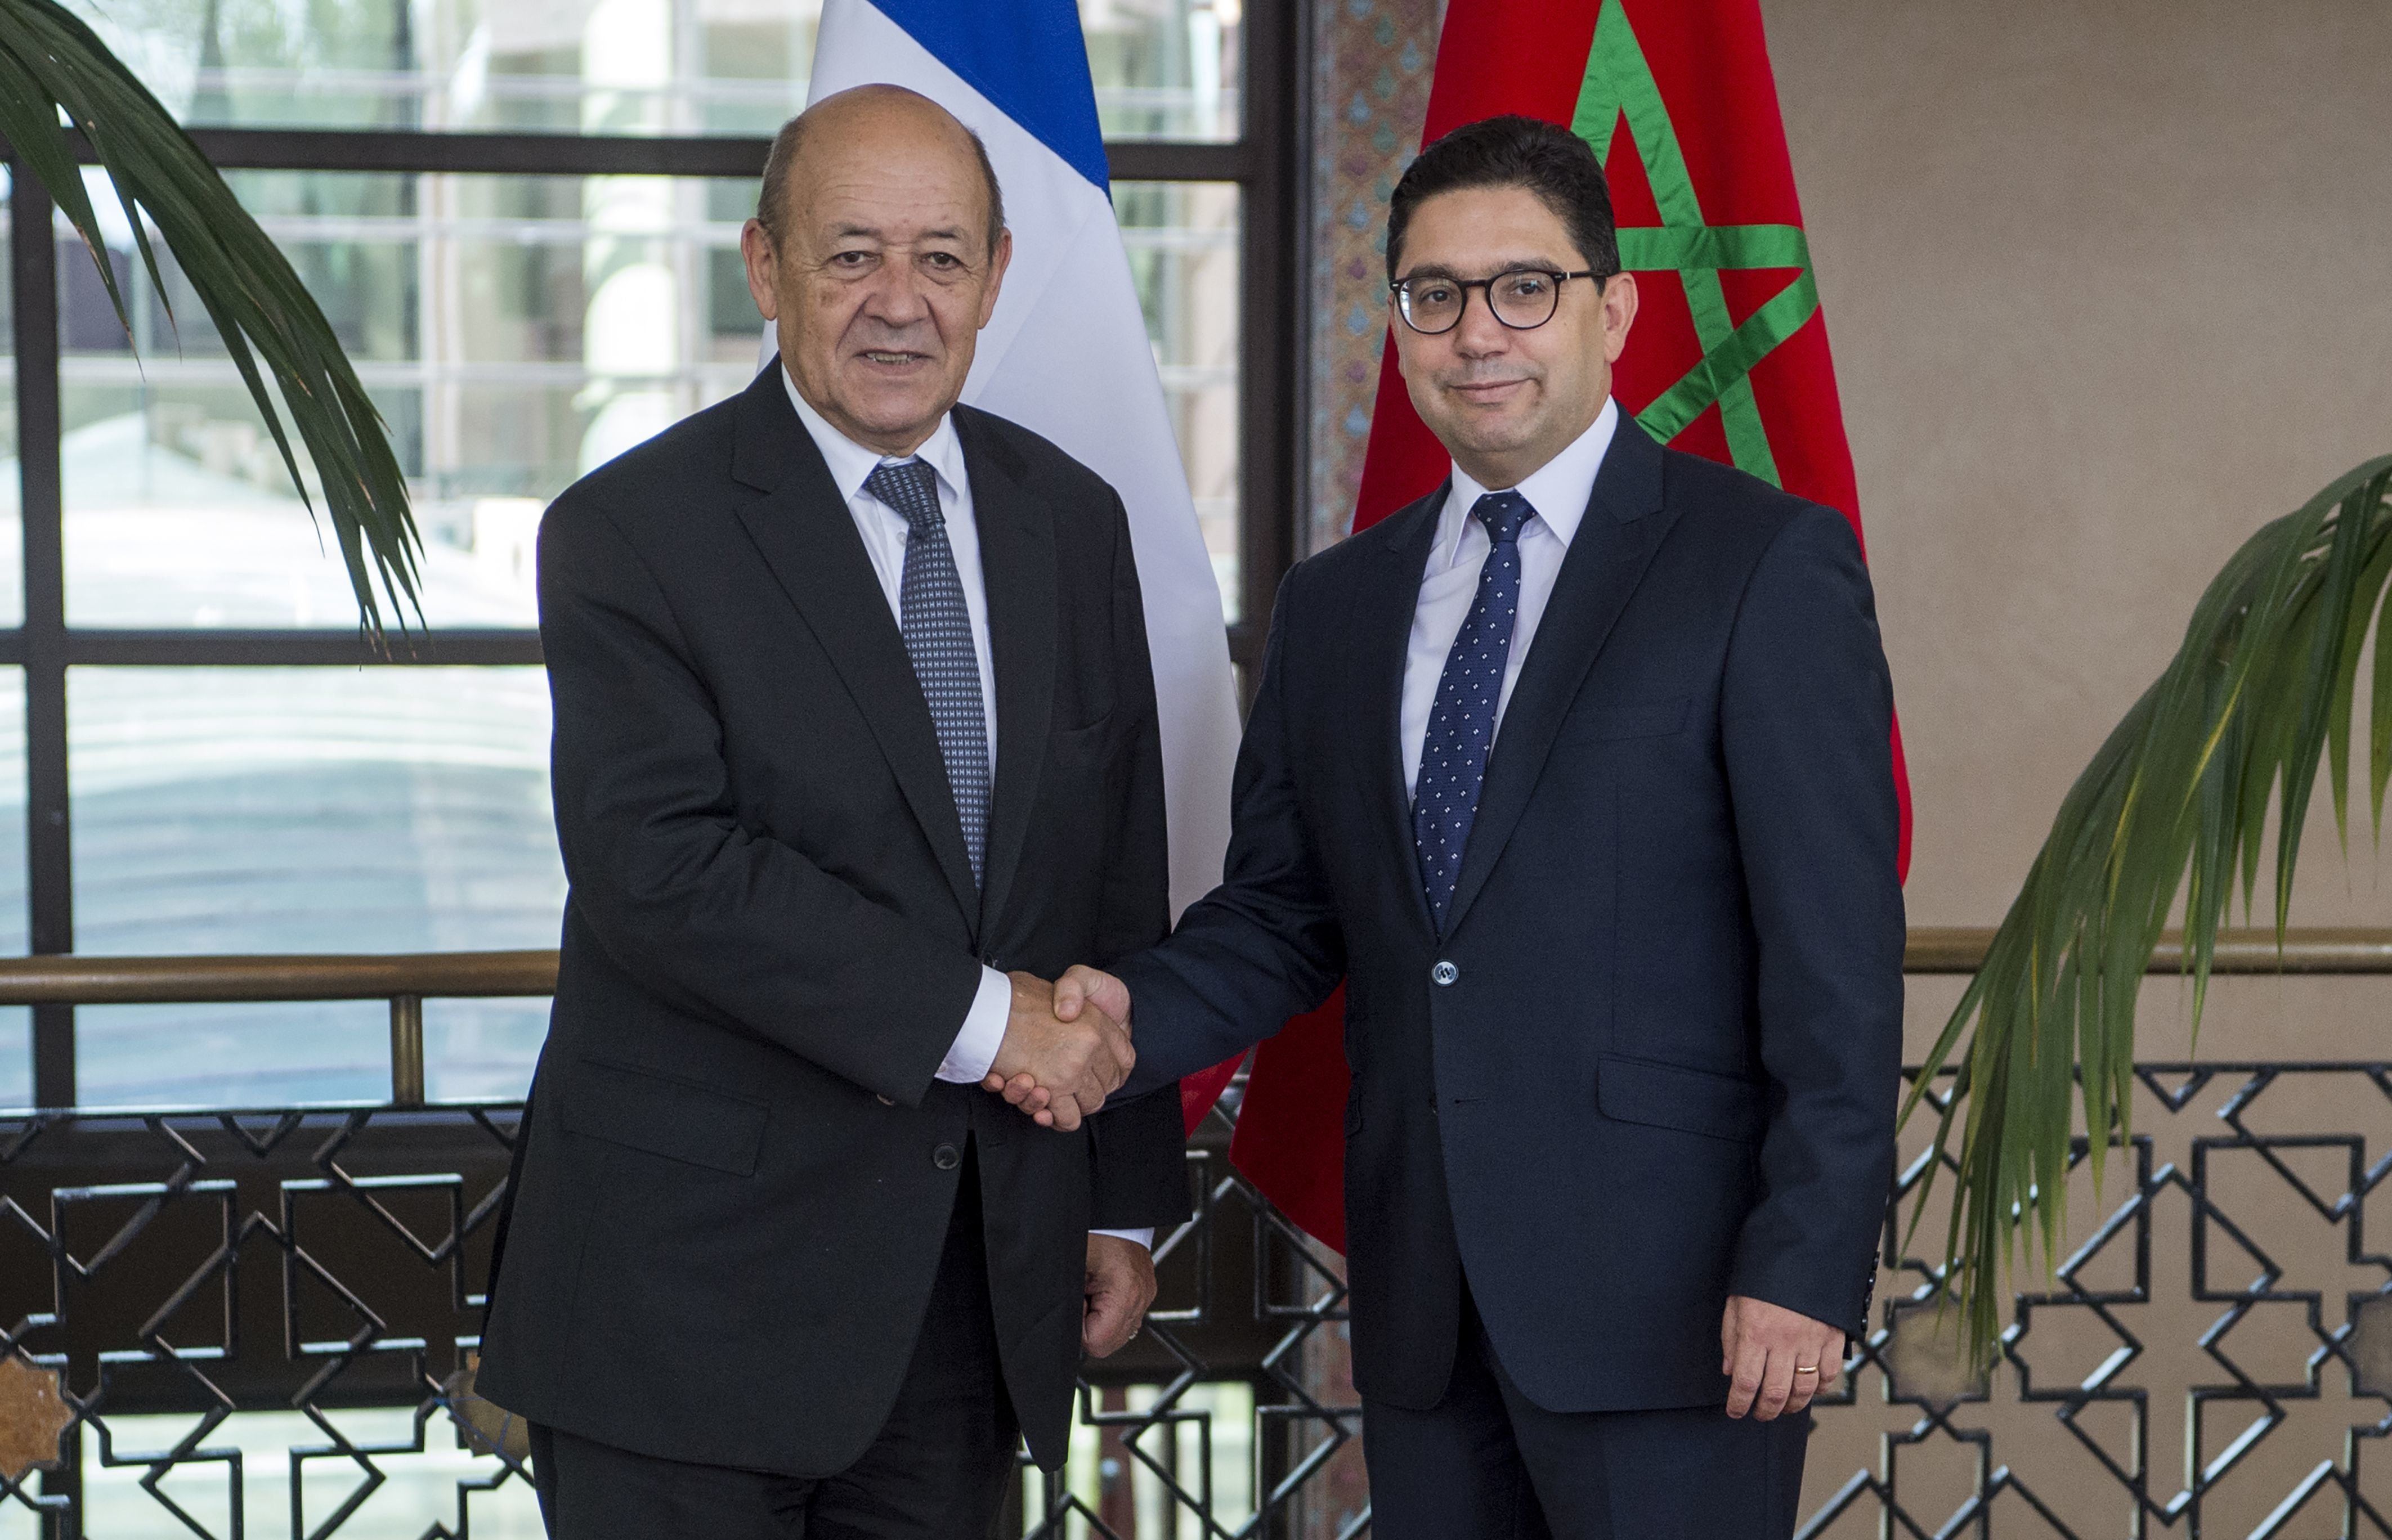 Le chef de la diplomatie française, Jean-Yves Le Drian, en visite au Maroc lundi